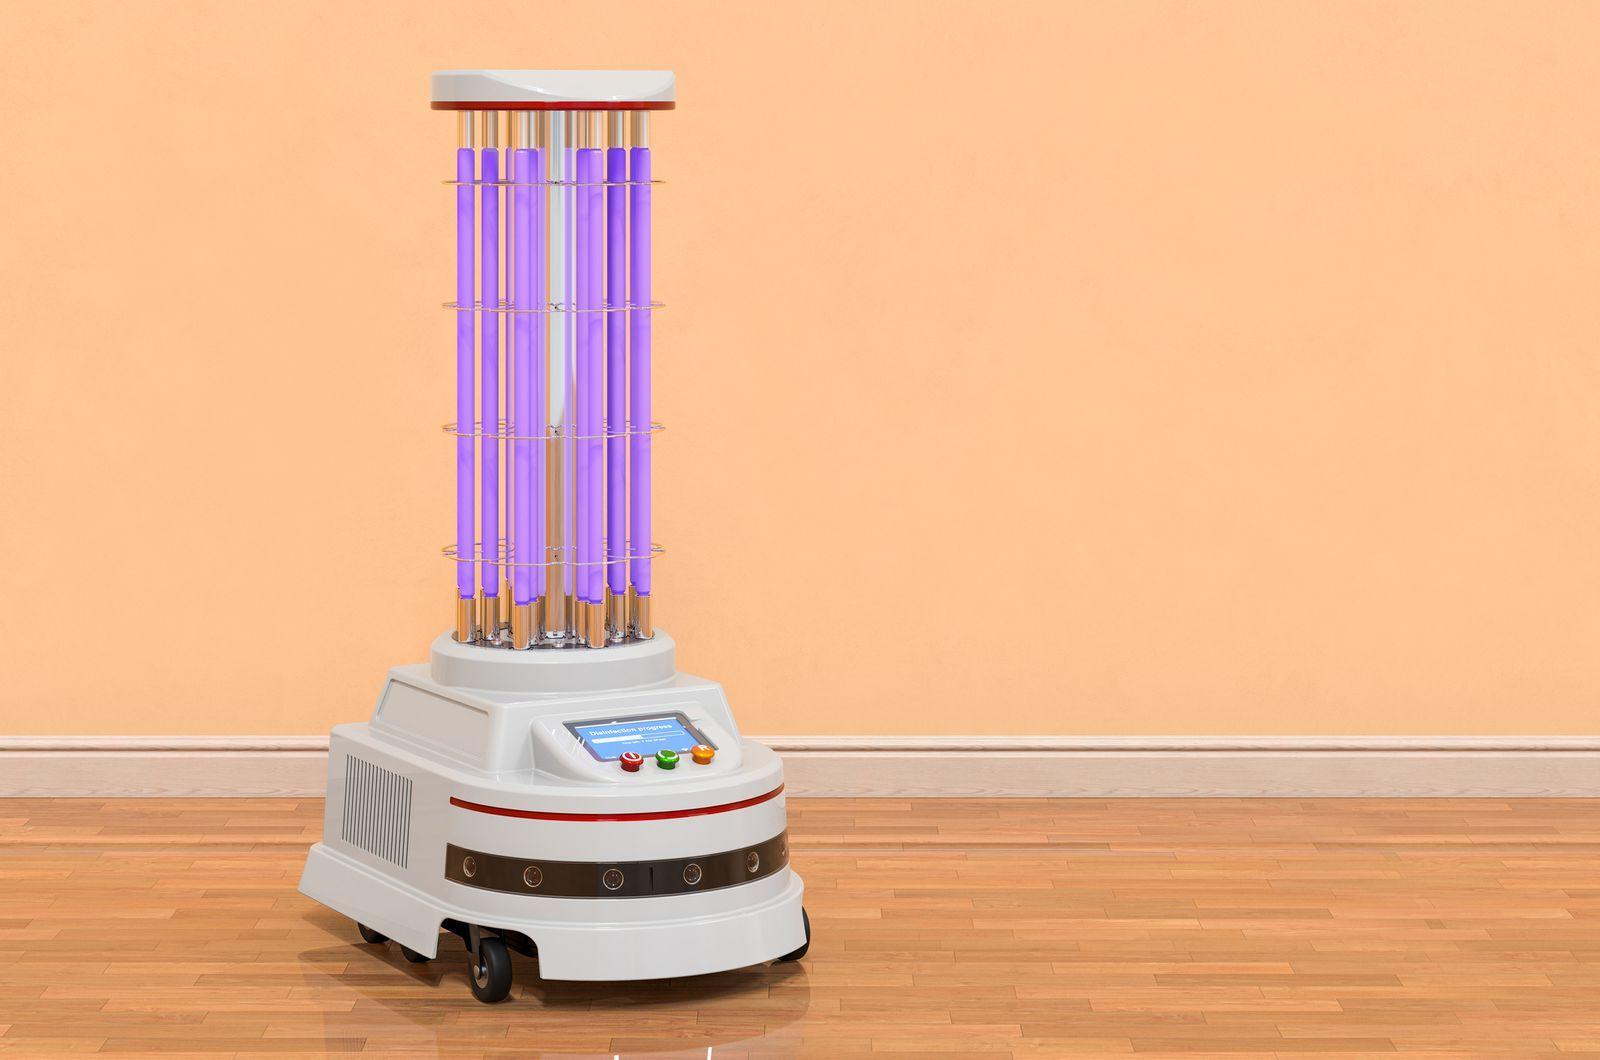 Namenski robot razkuži prostore kar s pomočjo ultravijolične svetlobe.